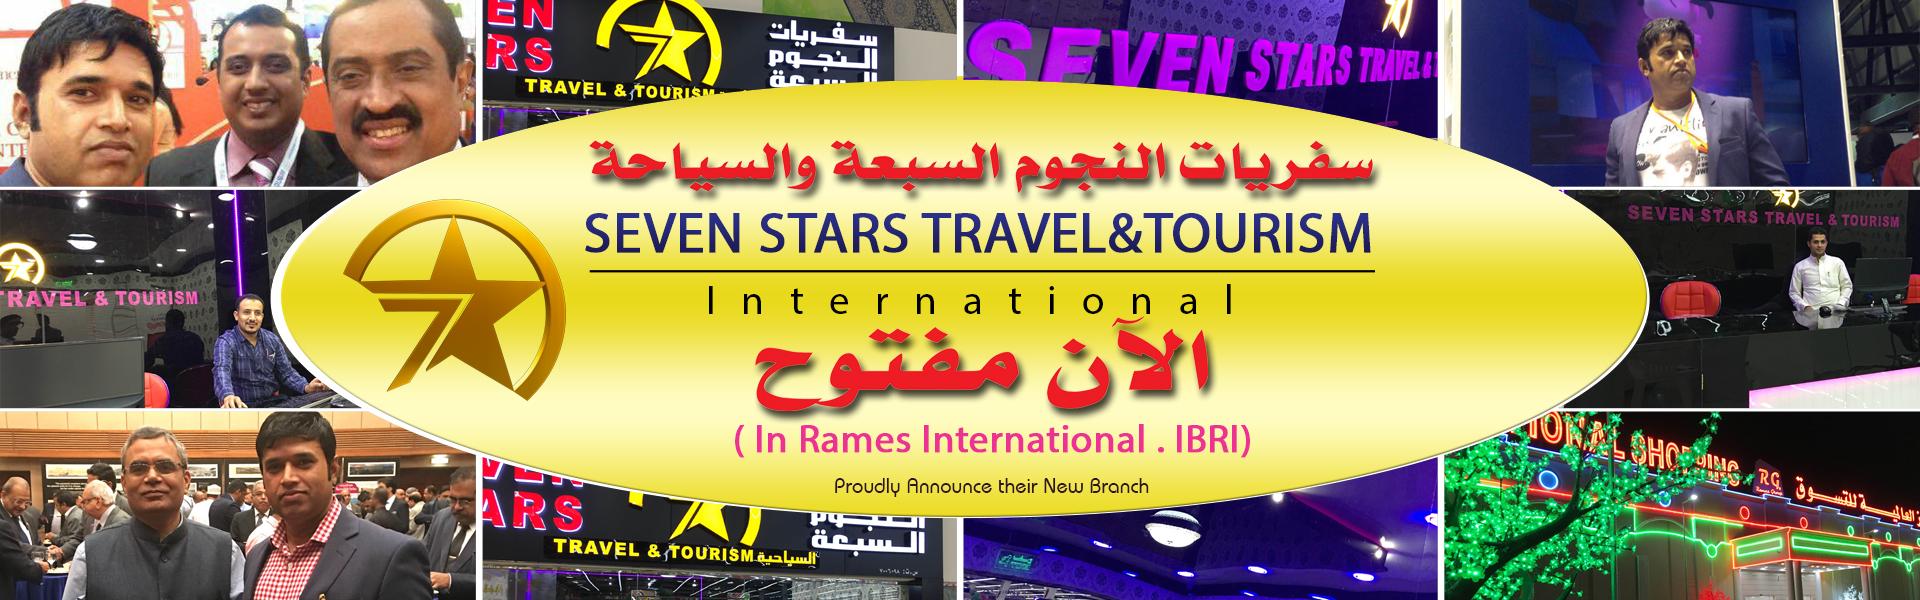 062416015537_7starstravels-oman-banner